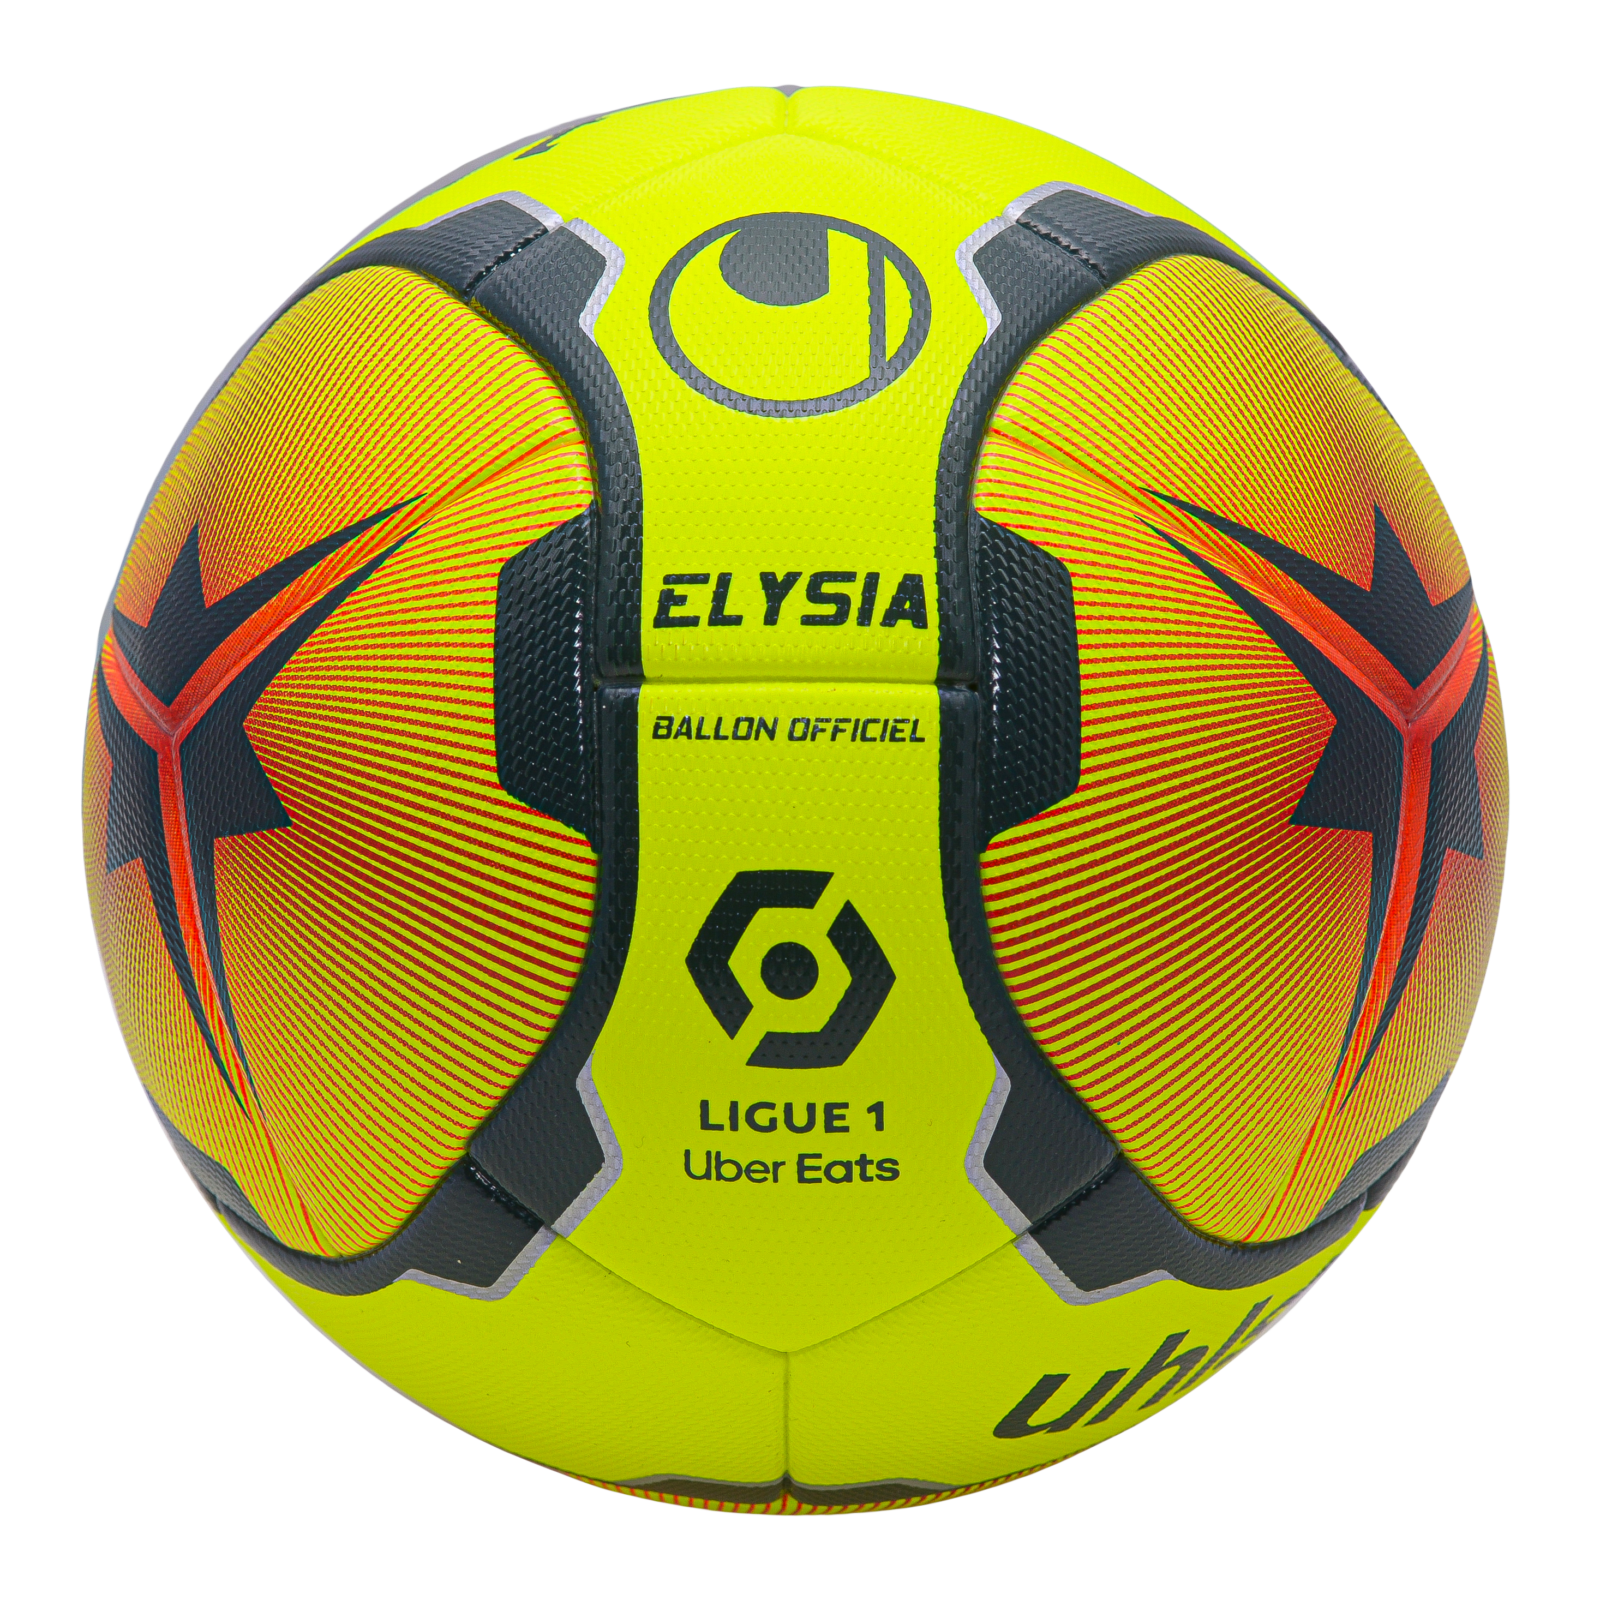 Uhlsport Devoile Les Nouveaux Ballons Officiels De La Ligue 1 Uber Eats Et Ligue 2 Bkt Pour La Saison 2020 2021 Sportbuzzbusiness Fr